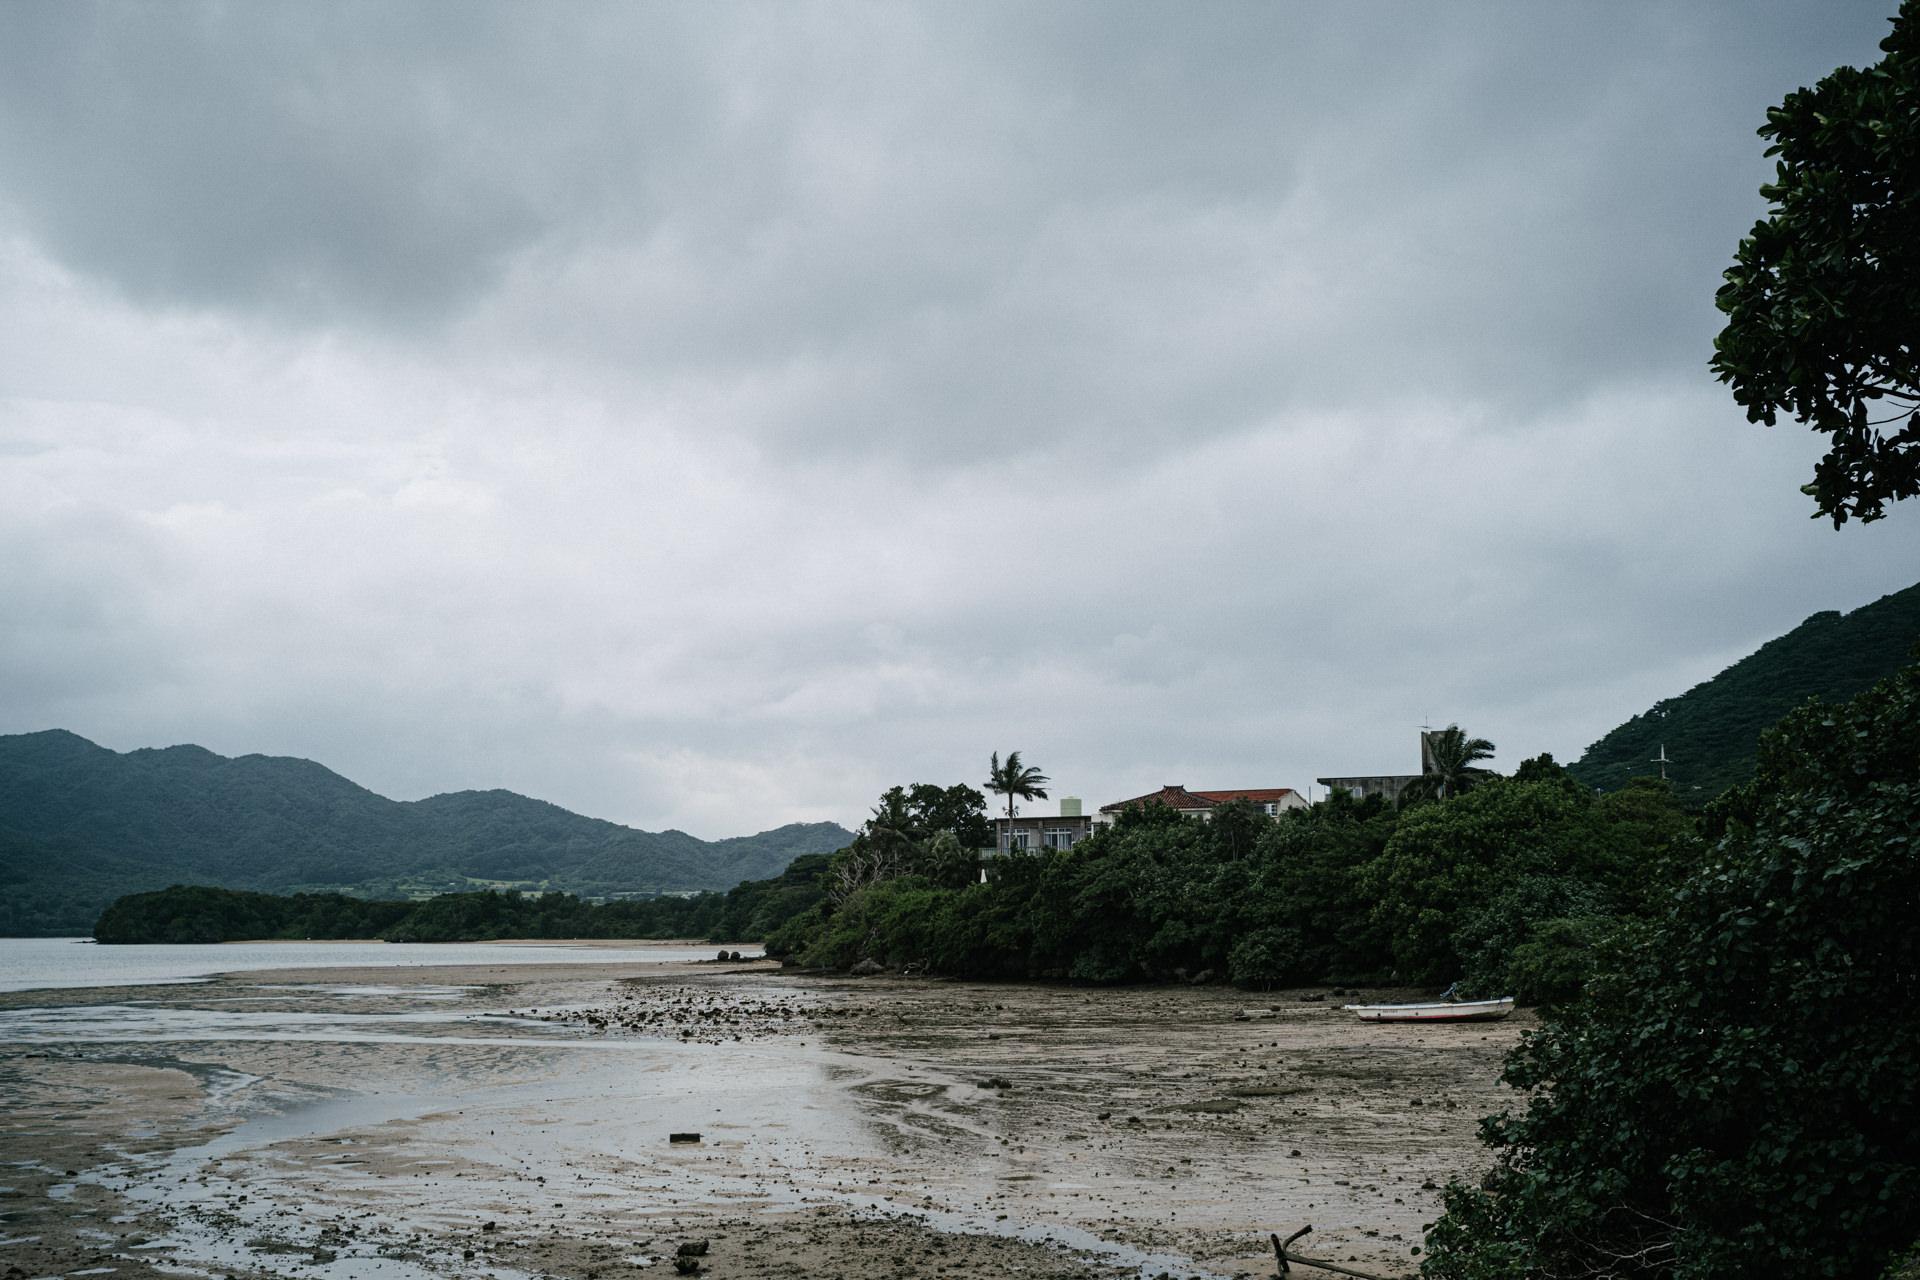 ライカと八重山諸島をめぐる写真旅